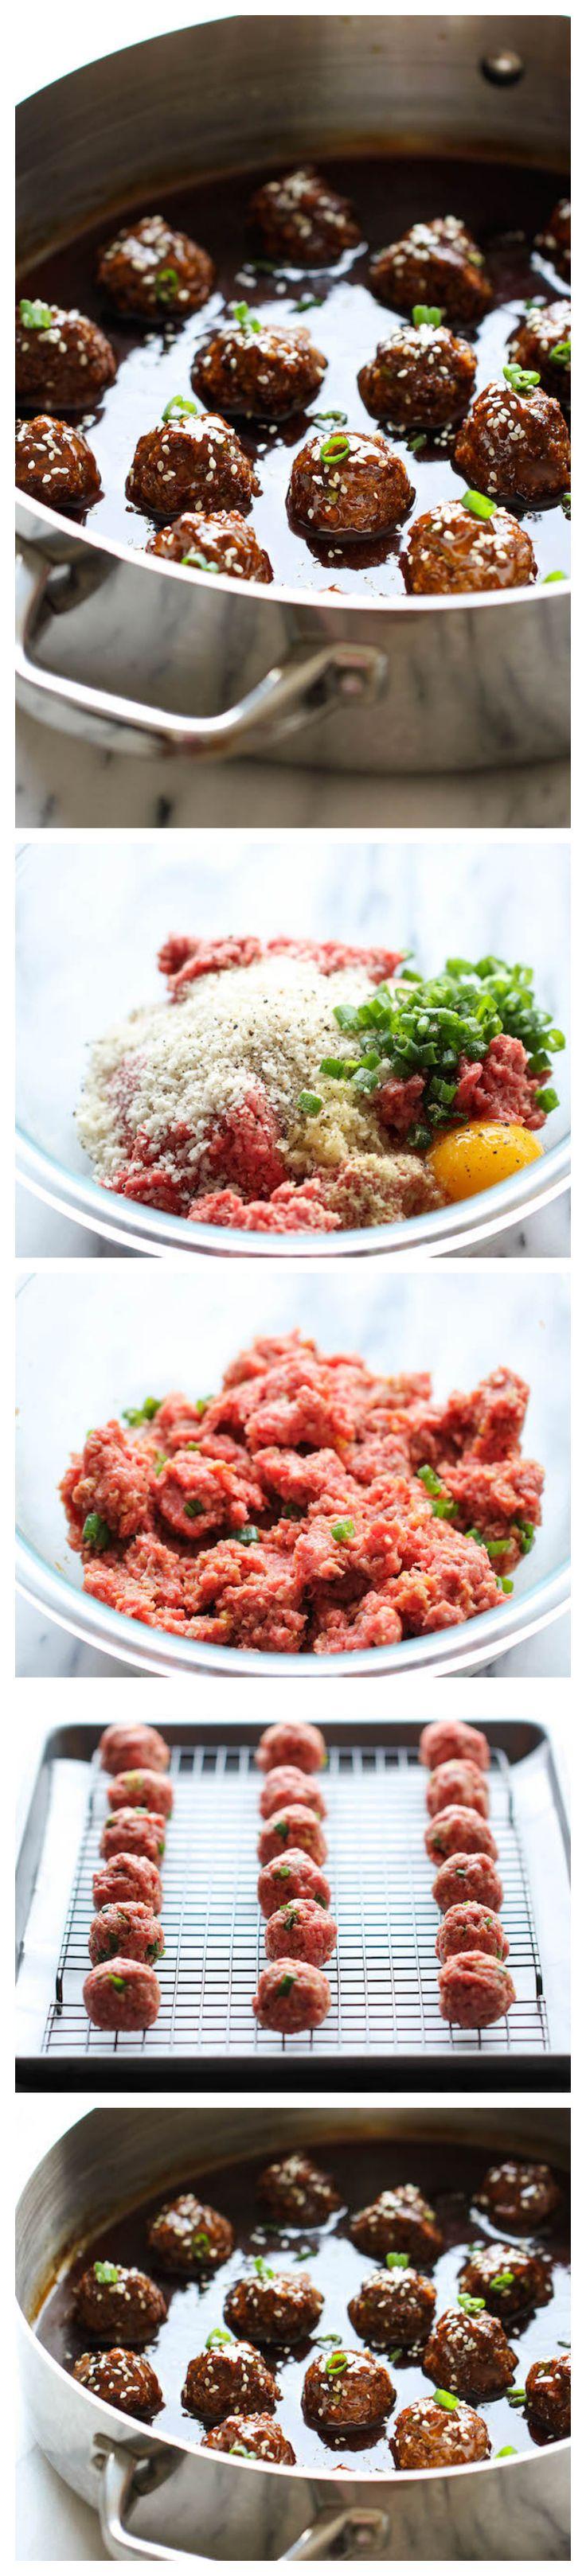 Teriyaki Meatballs - Juicy, tender meatballs tossed in a super easy, homemade sweet teriyaki sauce! @Michele Howard Delicious